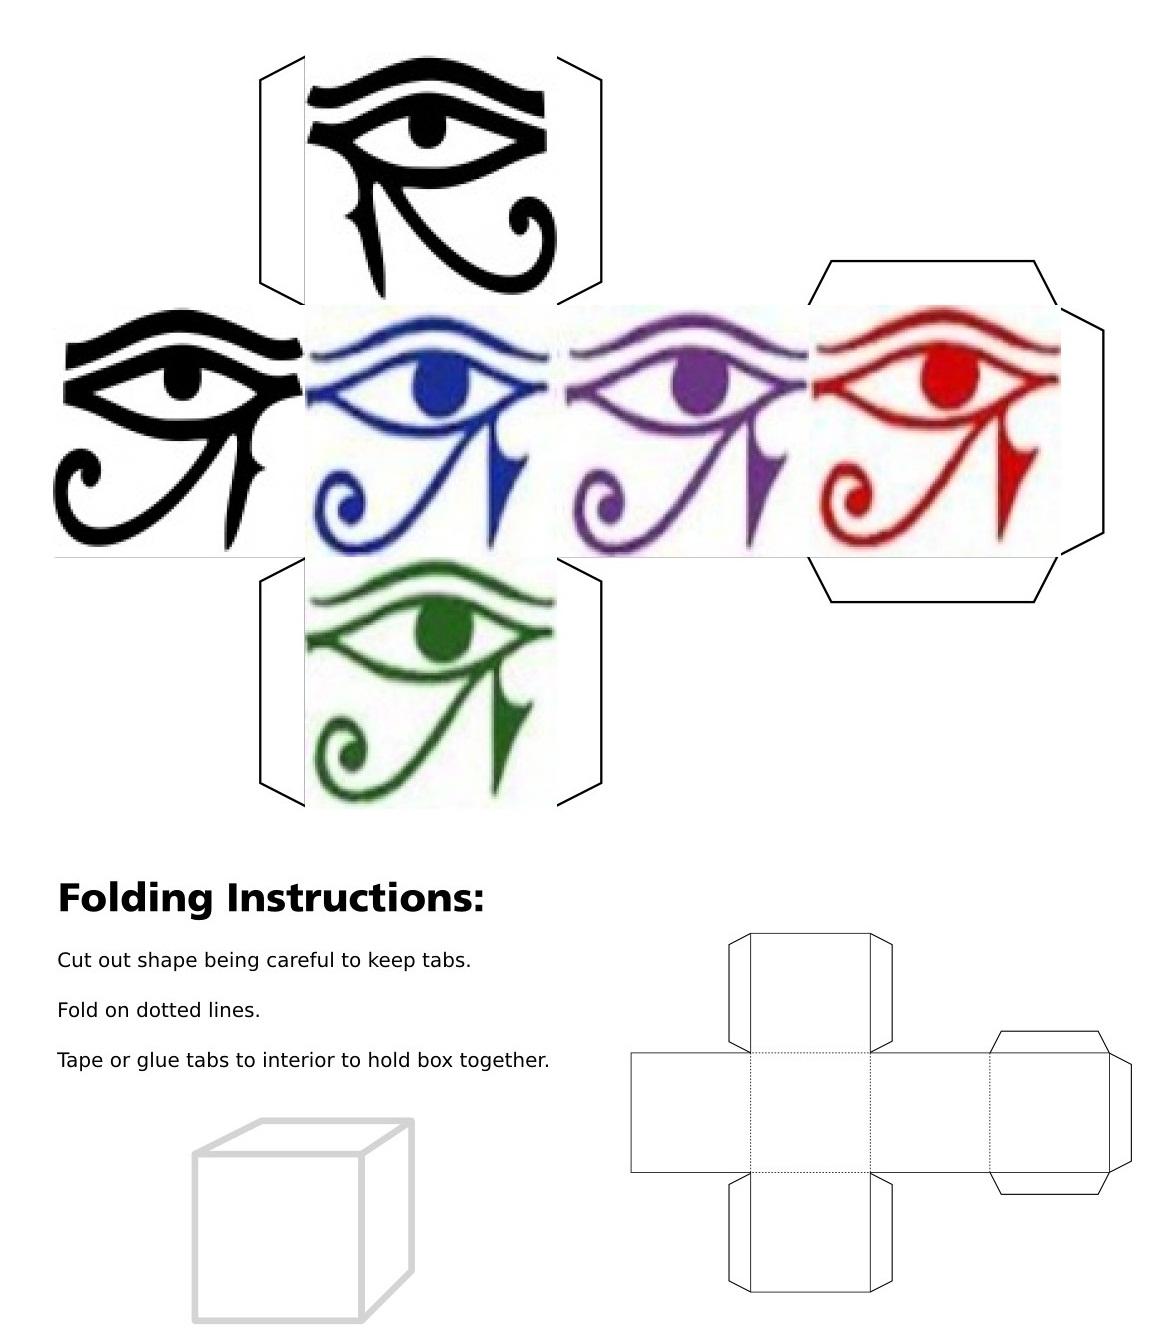 3D cube, dice, Eye of Horus, Left Eye of Horus, Blue Eye of Horus, Green Eye of Horus, Purple Eye of Horus, Red Eye of Horus